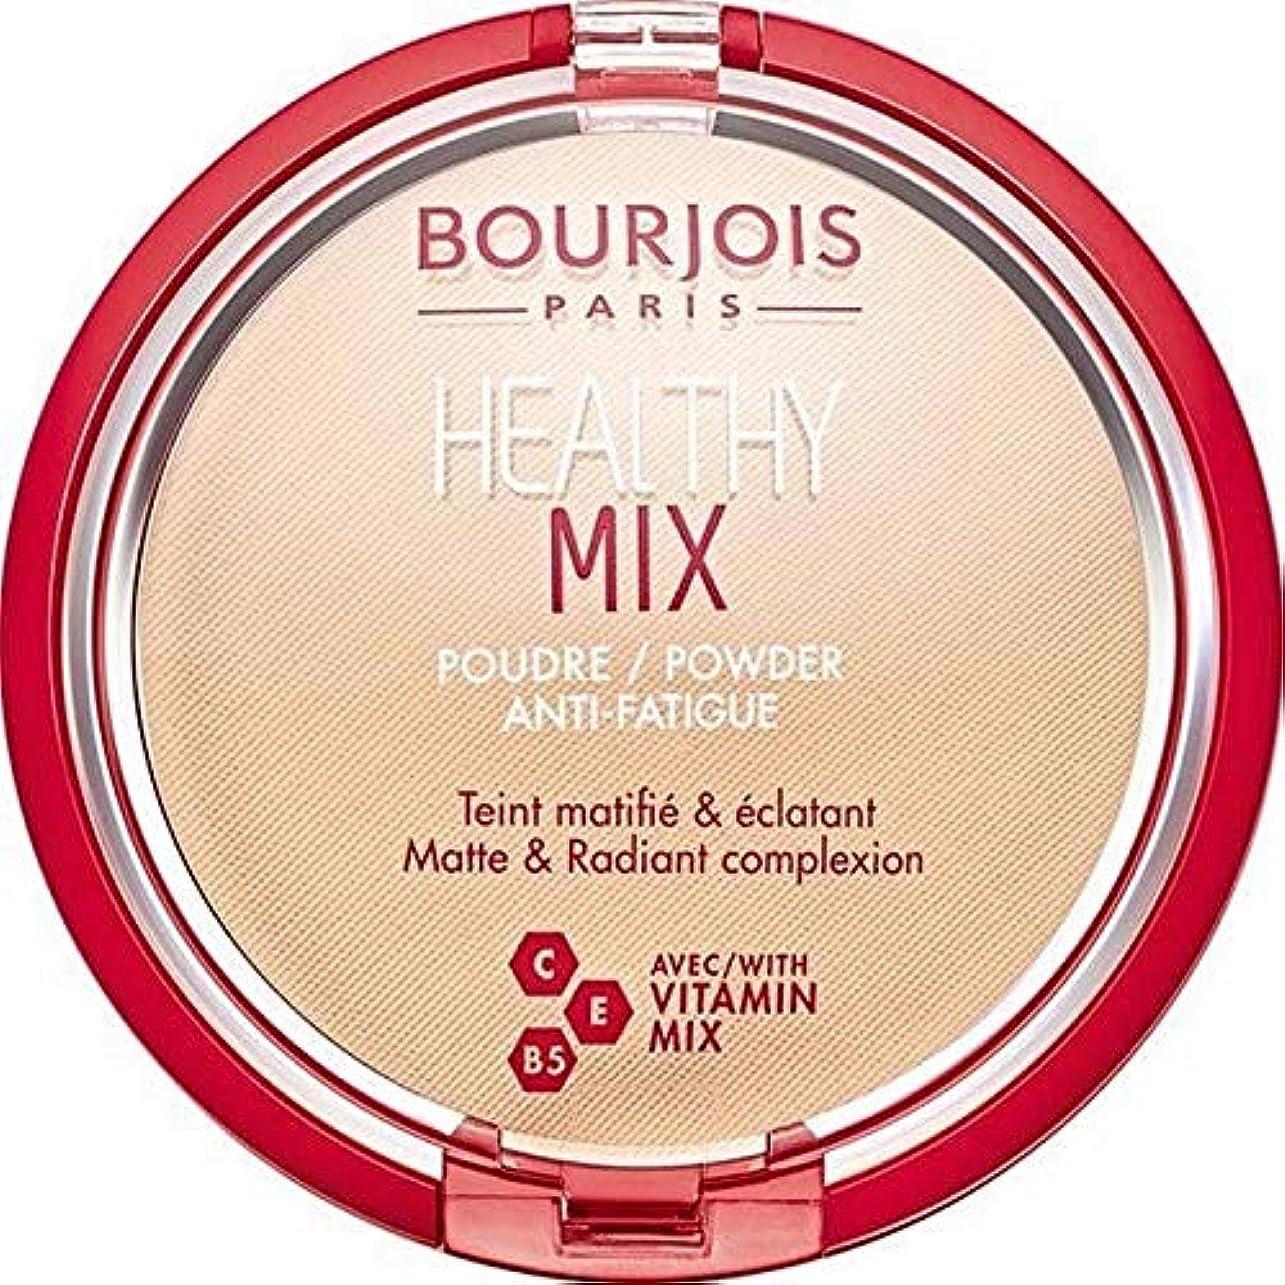 祈る投票偽造[Bourjois ] ブルジョワヘルシーミックス粉1を押します - Bourjois Healthy Mix Pressed Powder 1 [並行輸入品]